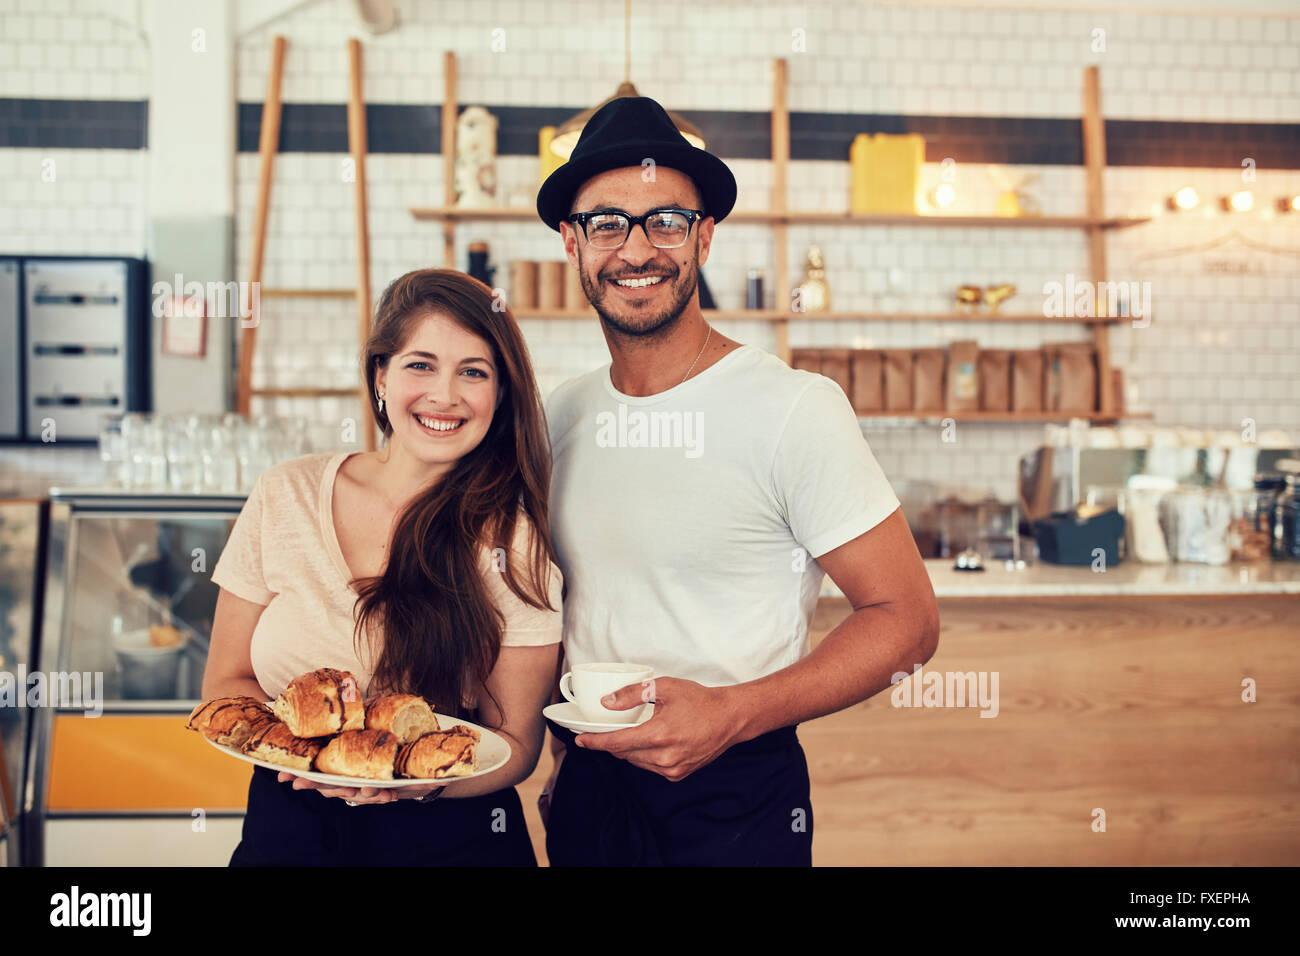 Porträt von glücklicher junger Mann und Frau mit Nahrung und Café im Coffee Shop. Paar beim Essen Stockbild